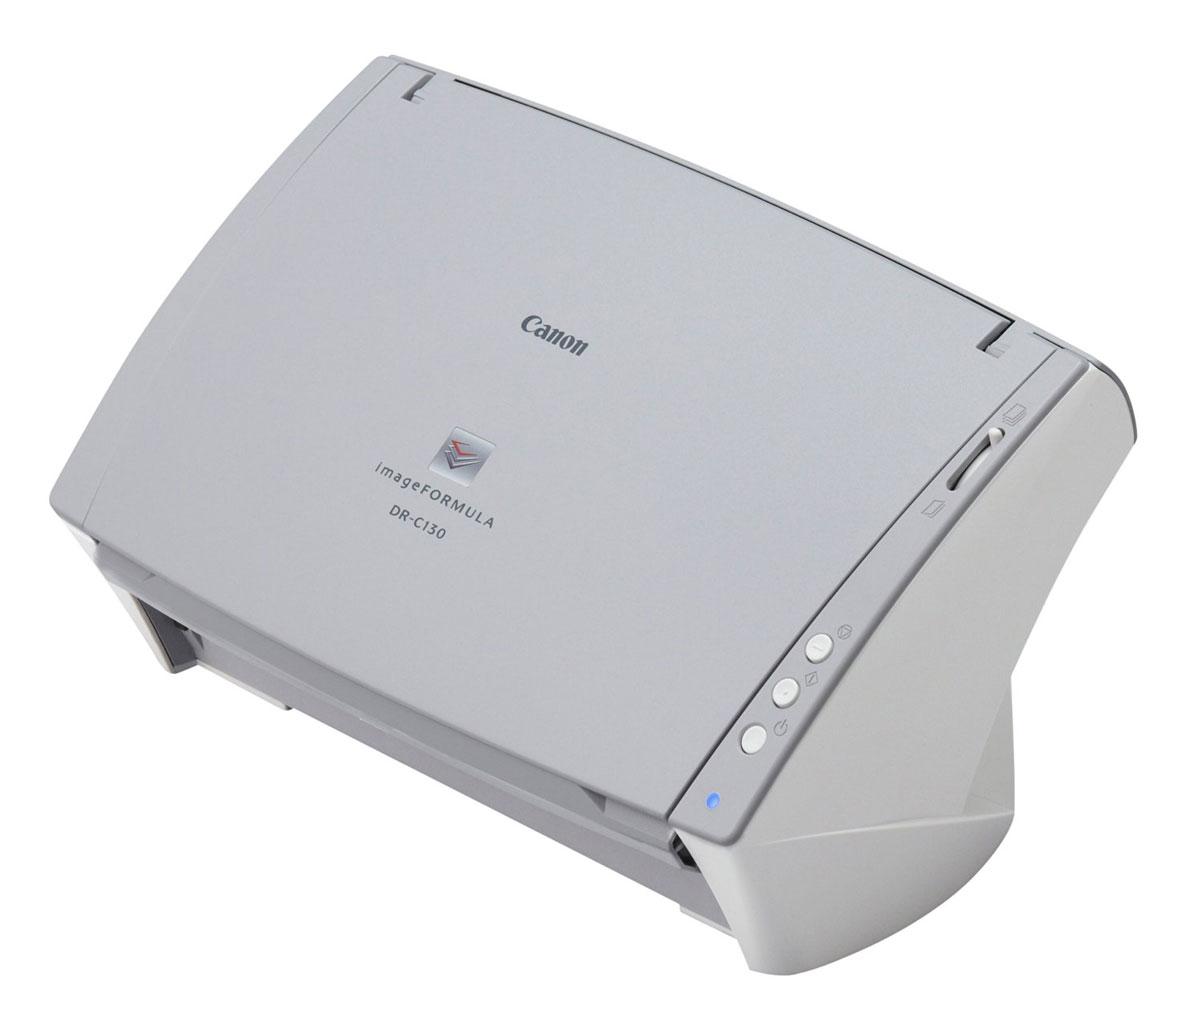 Canon DR-C130 (6583B003) сканер6583B003Высокоскоростной интуитивный Canon DR-C130 повышает производительность офисов и рабочих групп благодаря полному набору профессионального программного обеспечения и тесной интеграции с облачной средой, что позволяет с легкостью оцифровывать данные и обмениваться информацией. Высокоскоростное сканирование до 30 стр/мин и 60 изображений/мин достигается как в режиме цветного, так и черно-белого сканирования, благодаря инновационному контактному датчику изображения Canon CMOS и технологии светодиодов высокой яркости. Возможность сканирования двусторонних документов за один проход увеличивает скорость документооборота, тогда как устройство автоматической подачи документов на 50 листов позволяет поддерживать высокий уровень производительности. Энергоэффективность DR-C130 до 50% выше, чем у его конкурентов на рынке. Передняя панель управления позволяет с легкостью останавливать, запускать и продолжать сканирование одним нажатием кнопки. Вы также можете...